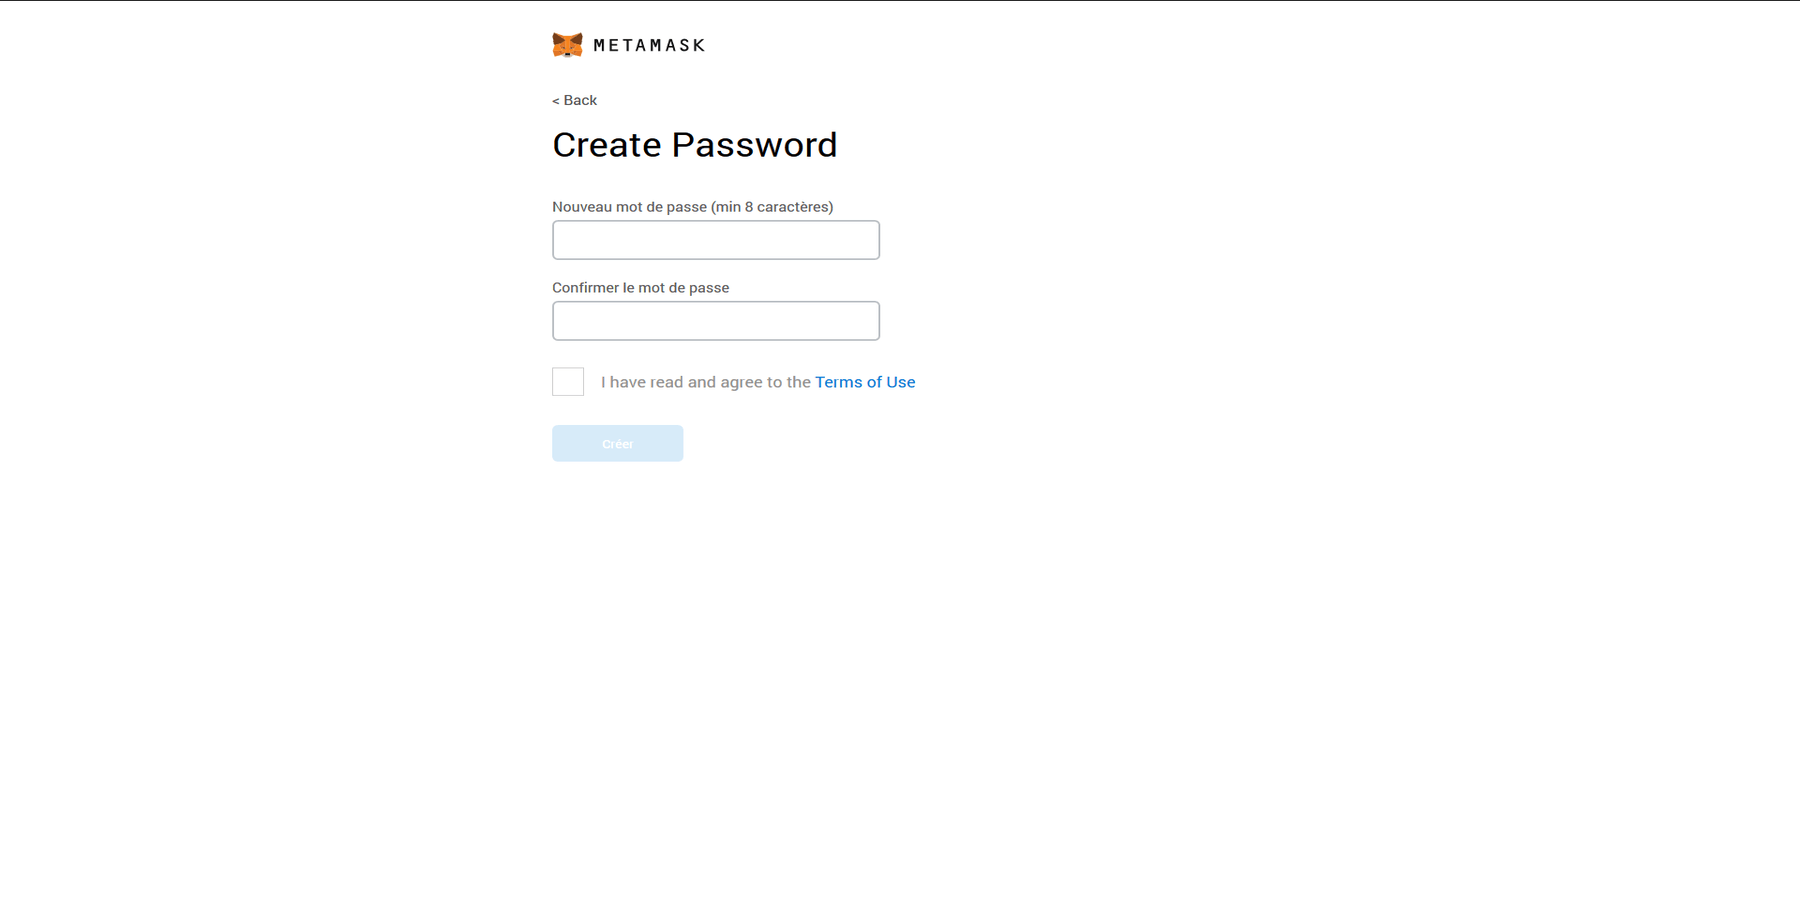 Créer un mot de de passe MetaMask